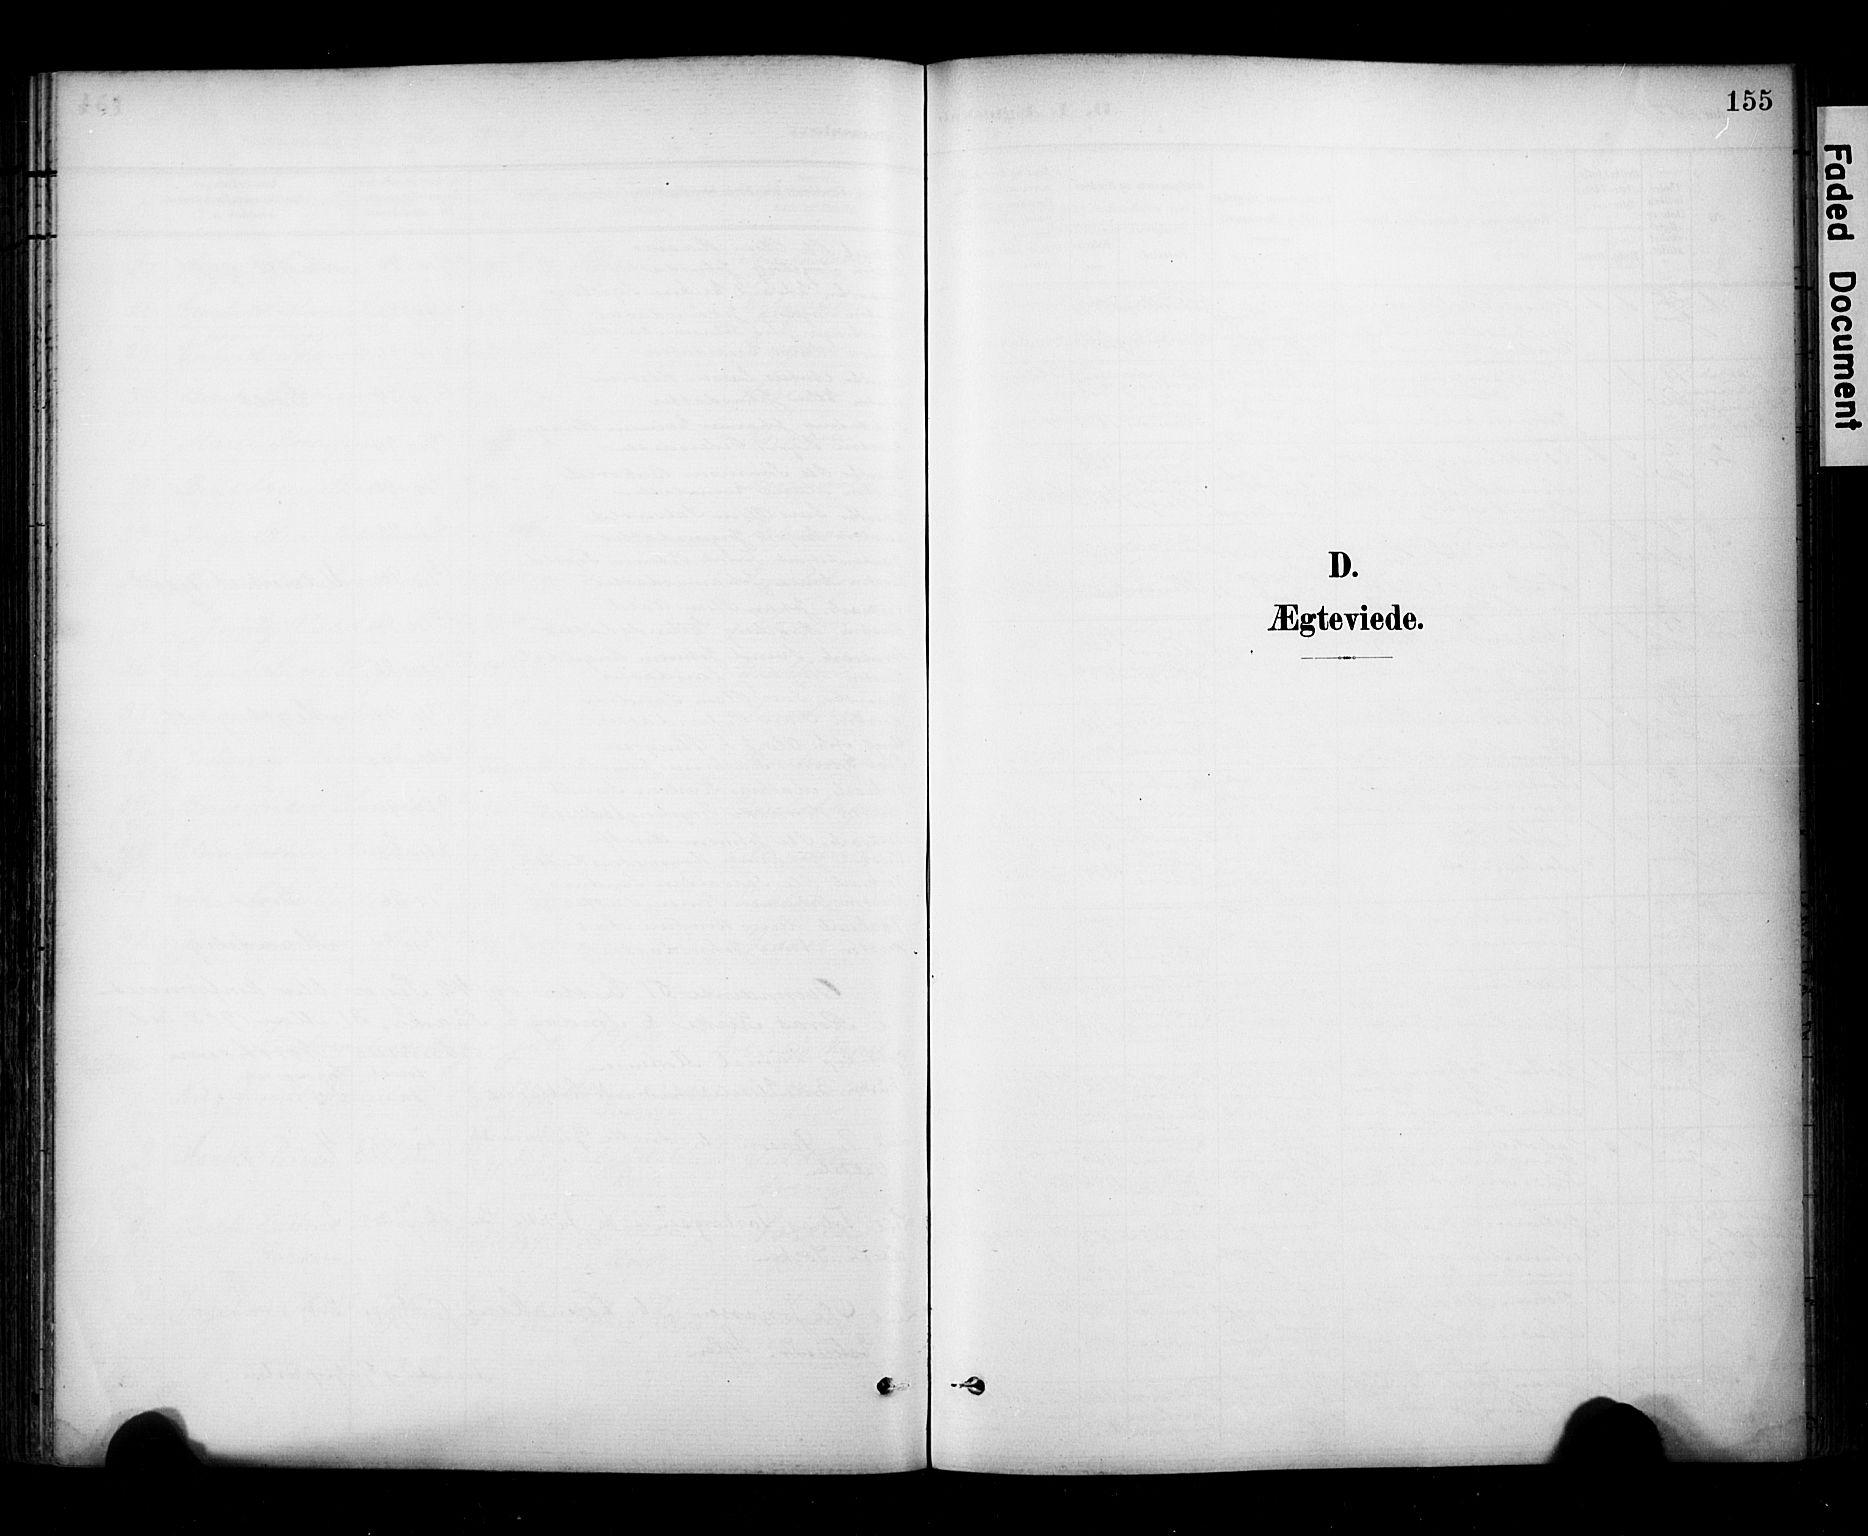 SAT, Ministerialprotokoller, klokkerbøker og fødselsregistre - Sør-Trøndelag, 681/L0936: Ministerialbok nr. 681A14, 1899-1908, s. 155